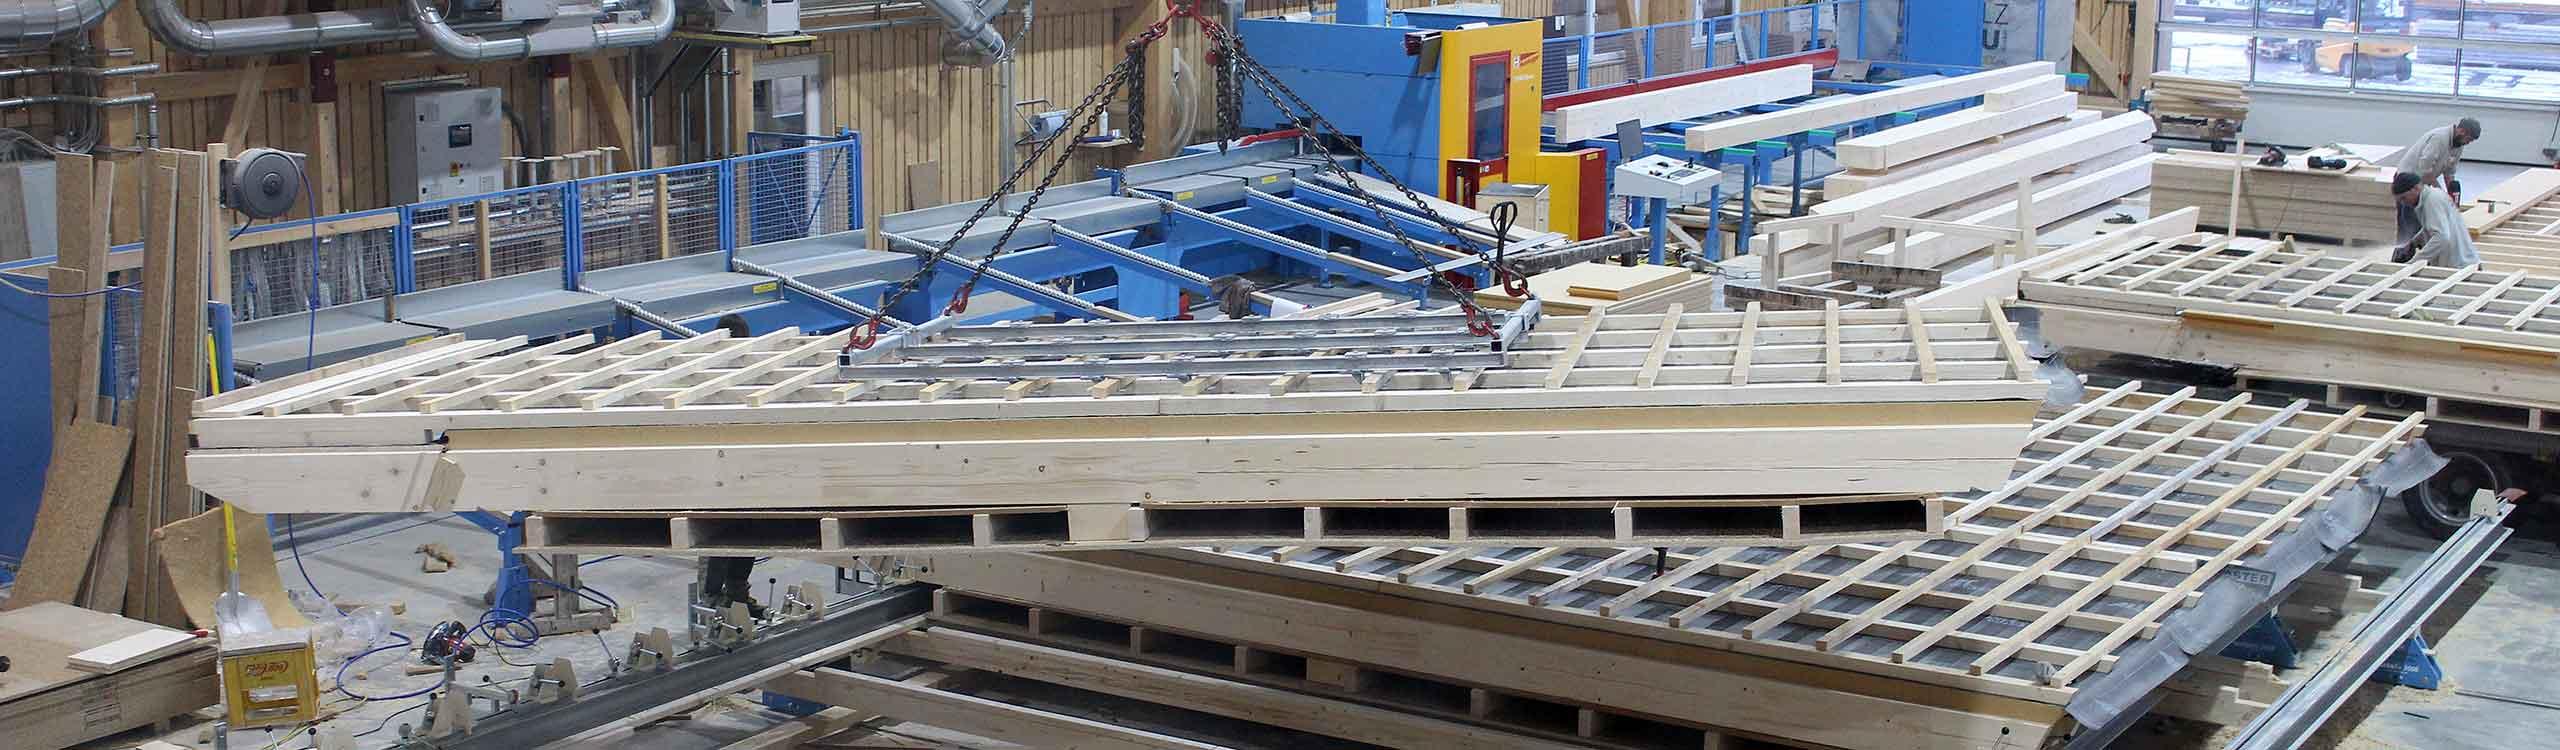 MB Holzbau GmbH - Stellenangebote